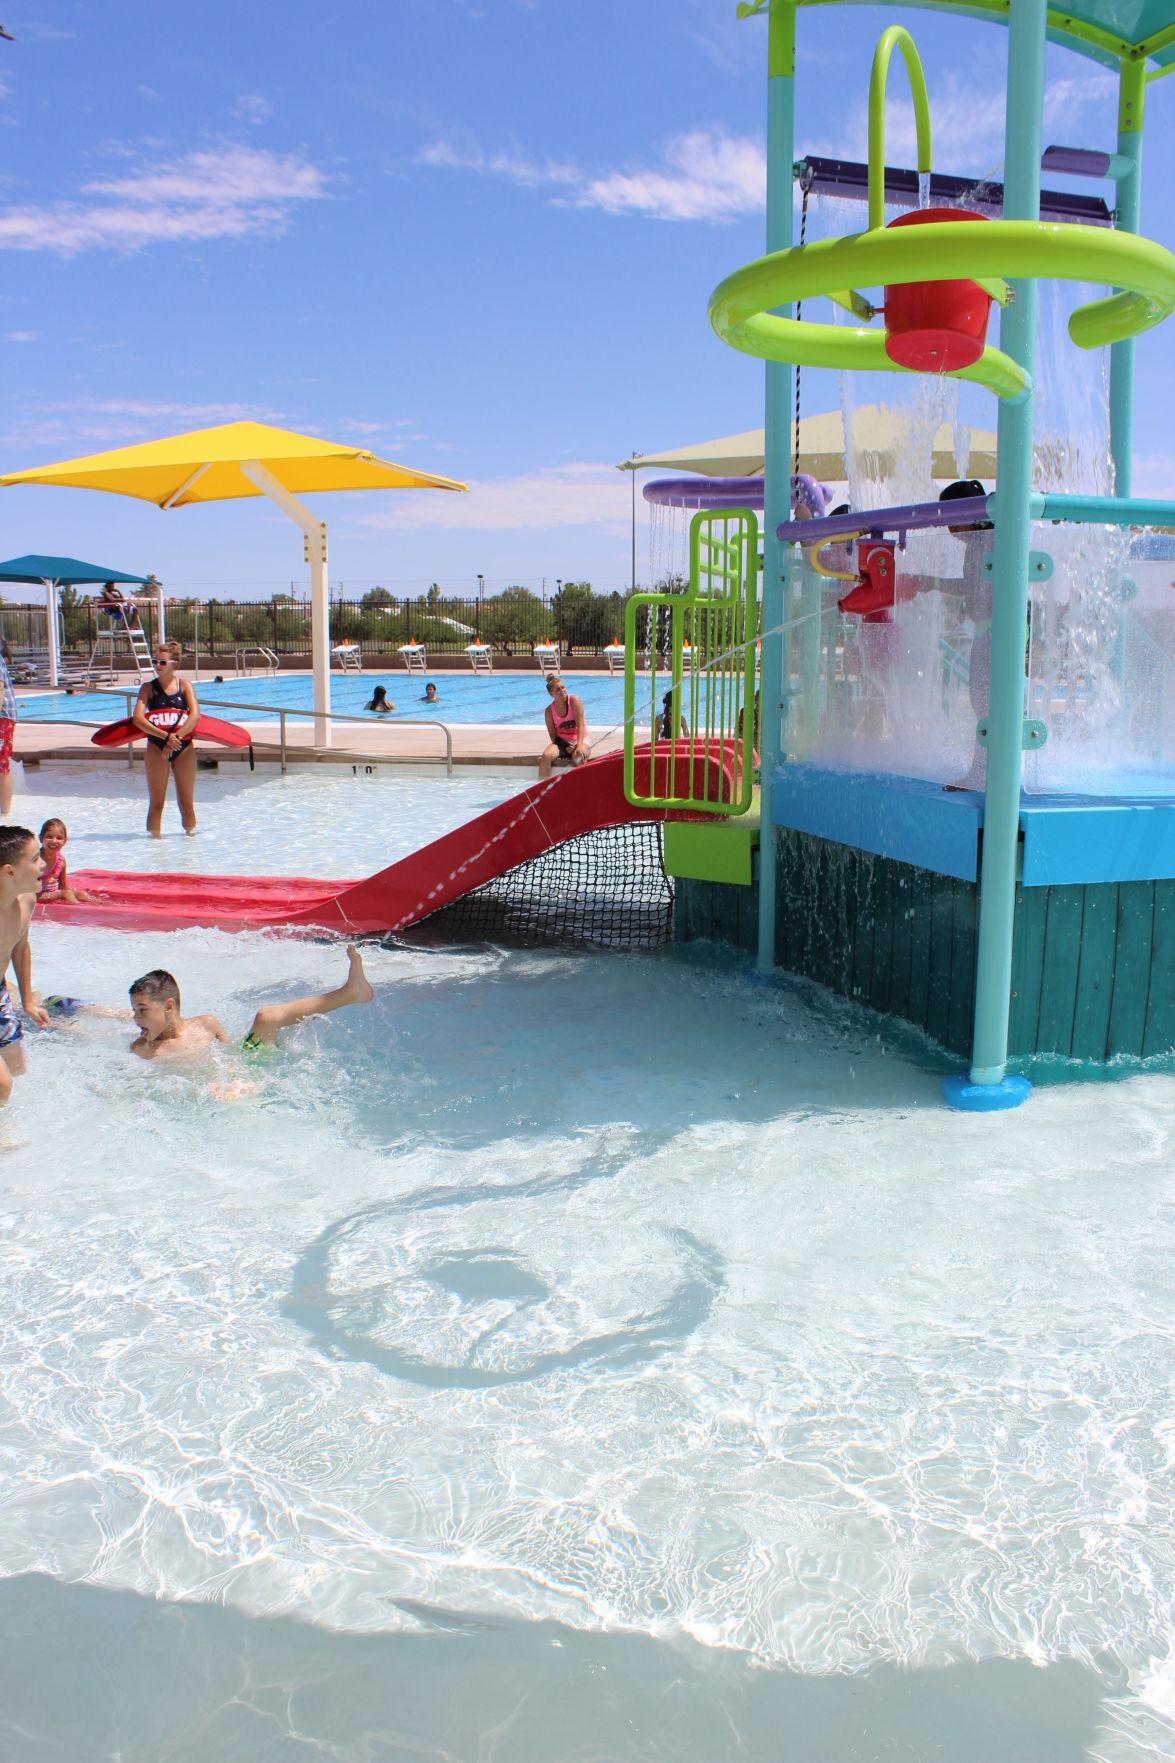 Florence Aquatic Center